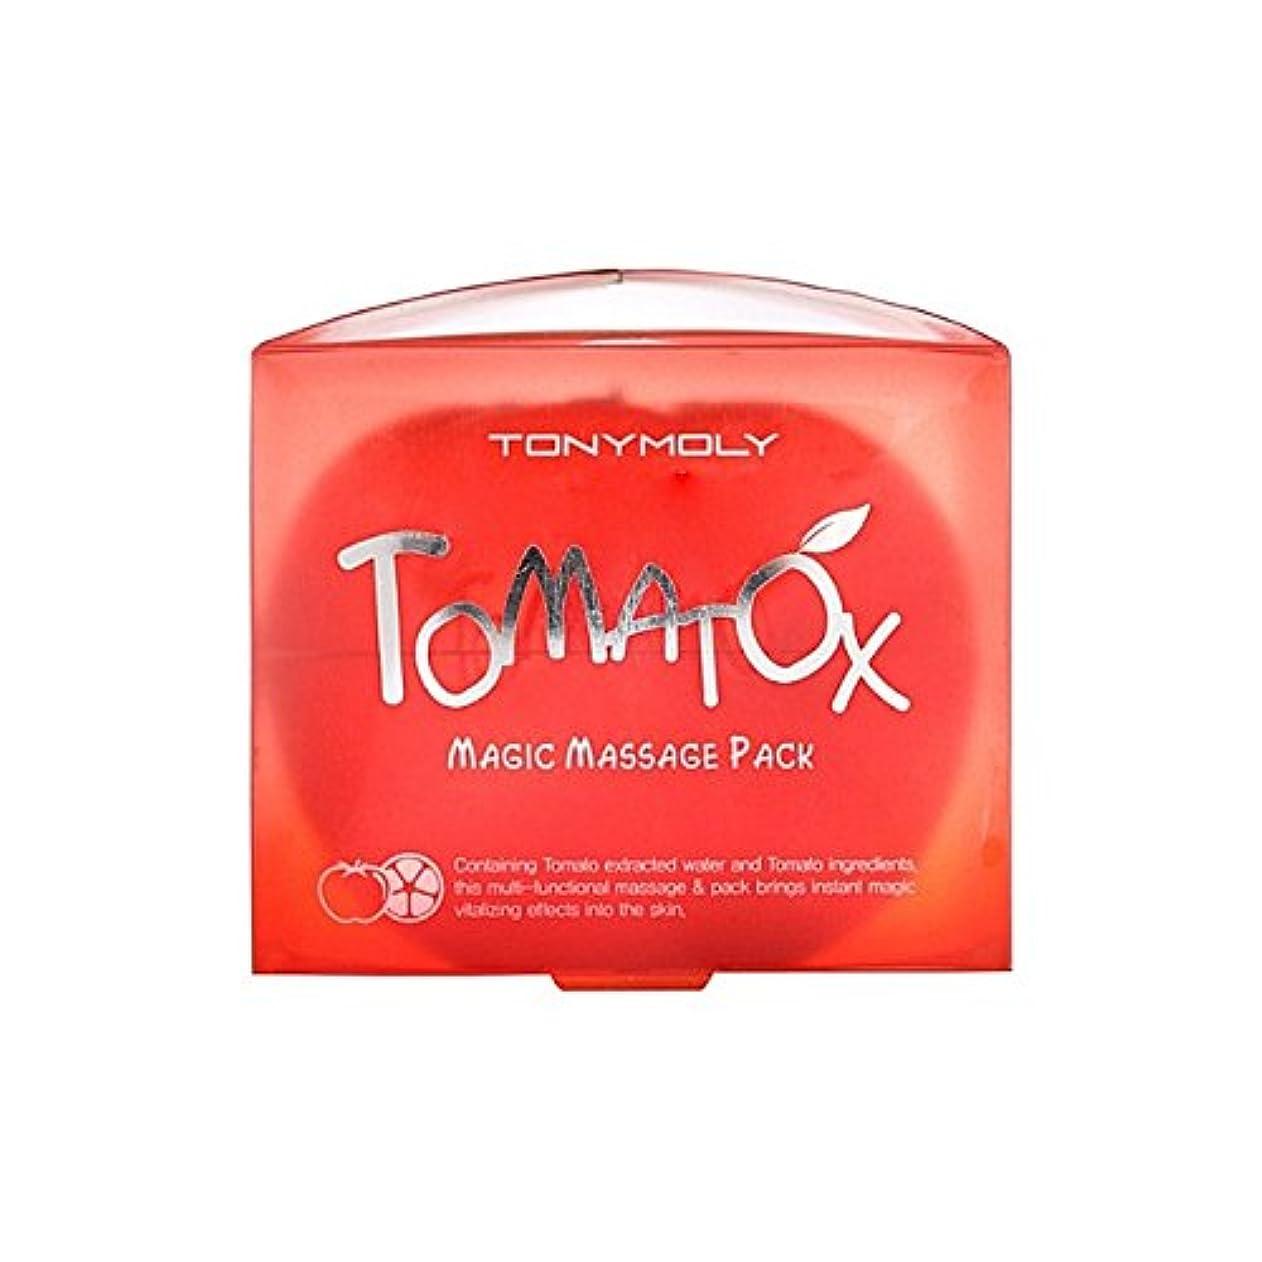 バイソン盆注ぎますトニーモリー魔法マッサージパック80グラム x4 - Tony Moly Tomatox Magic Massage Pack 80G (Pack of 4) [並行輸入品]